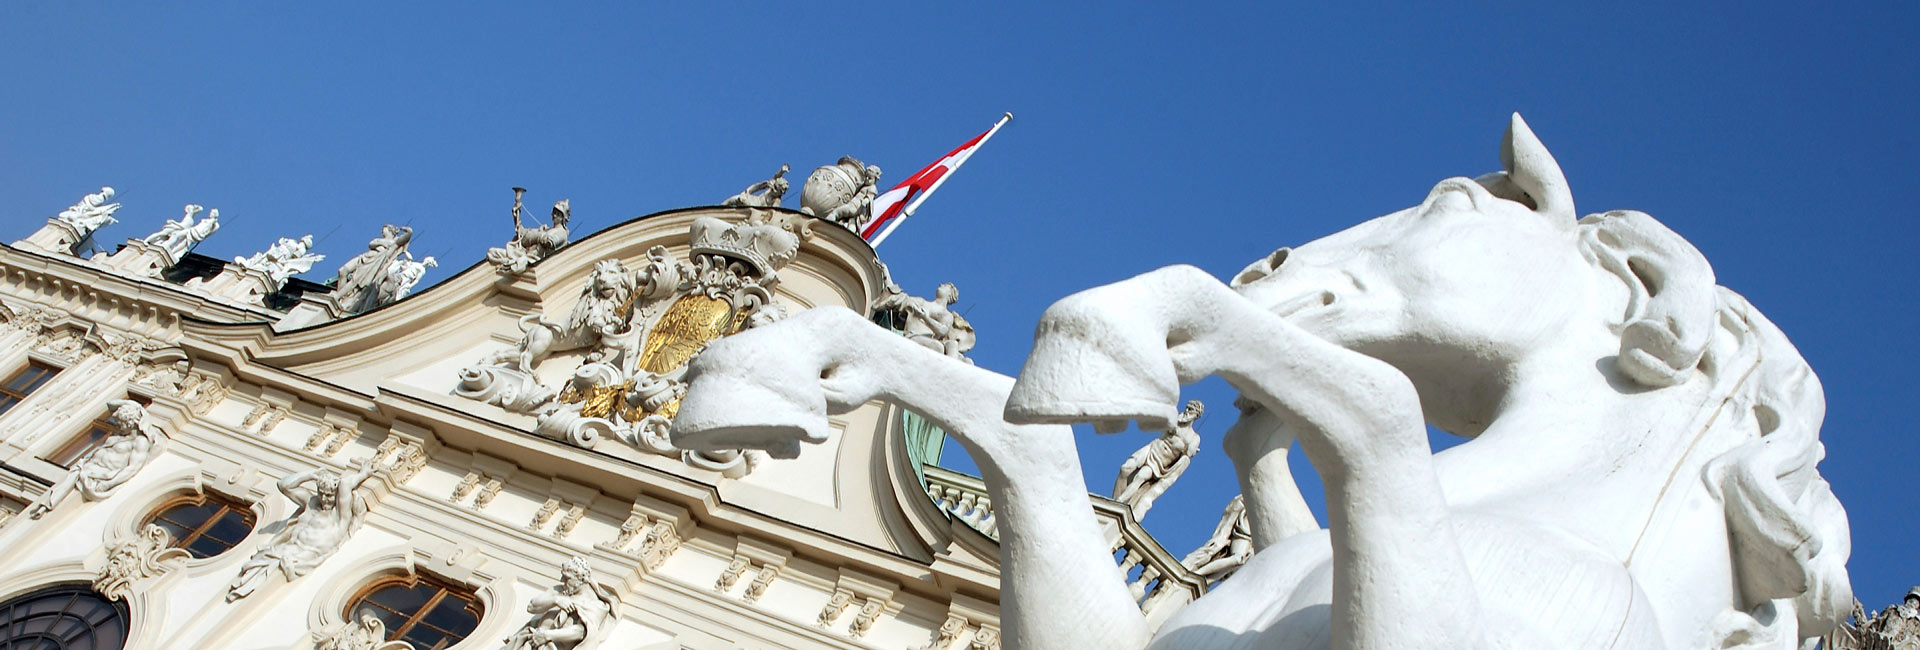 iStock_000000970874_Large_Vienna